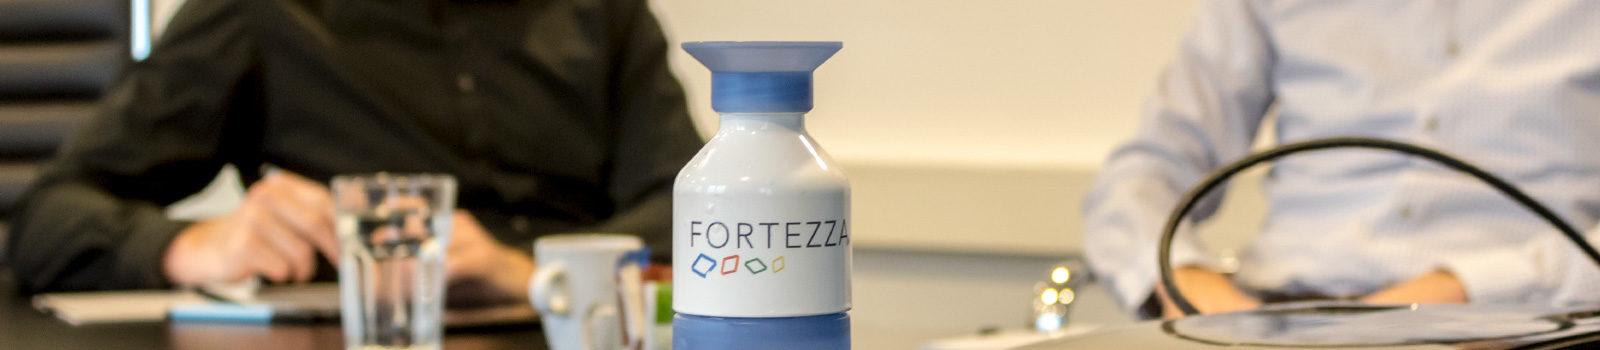 Fortezza als werkgever